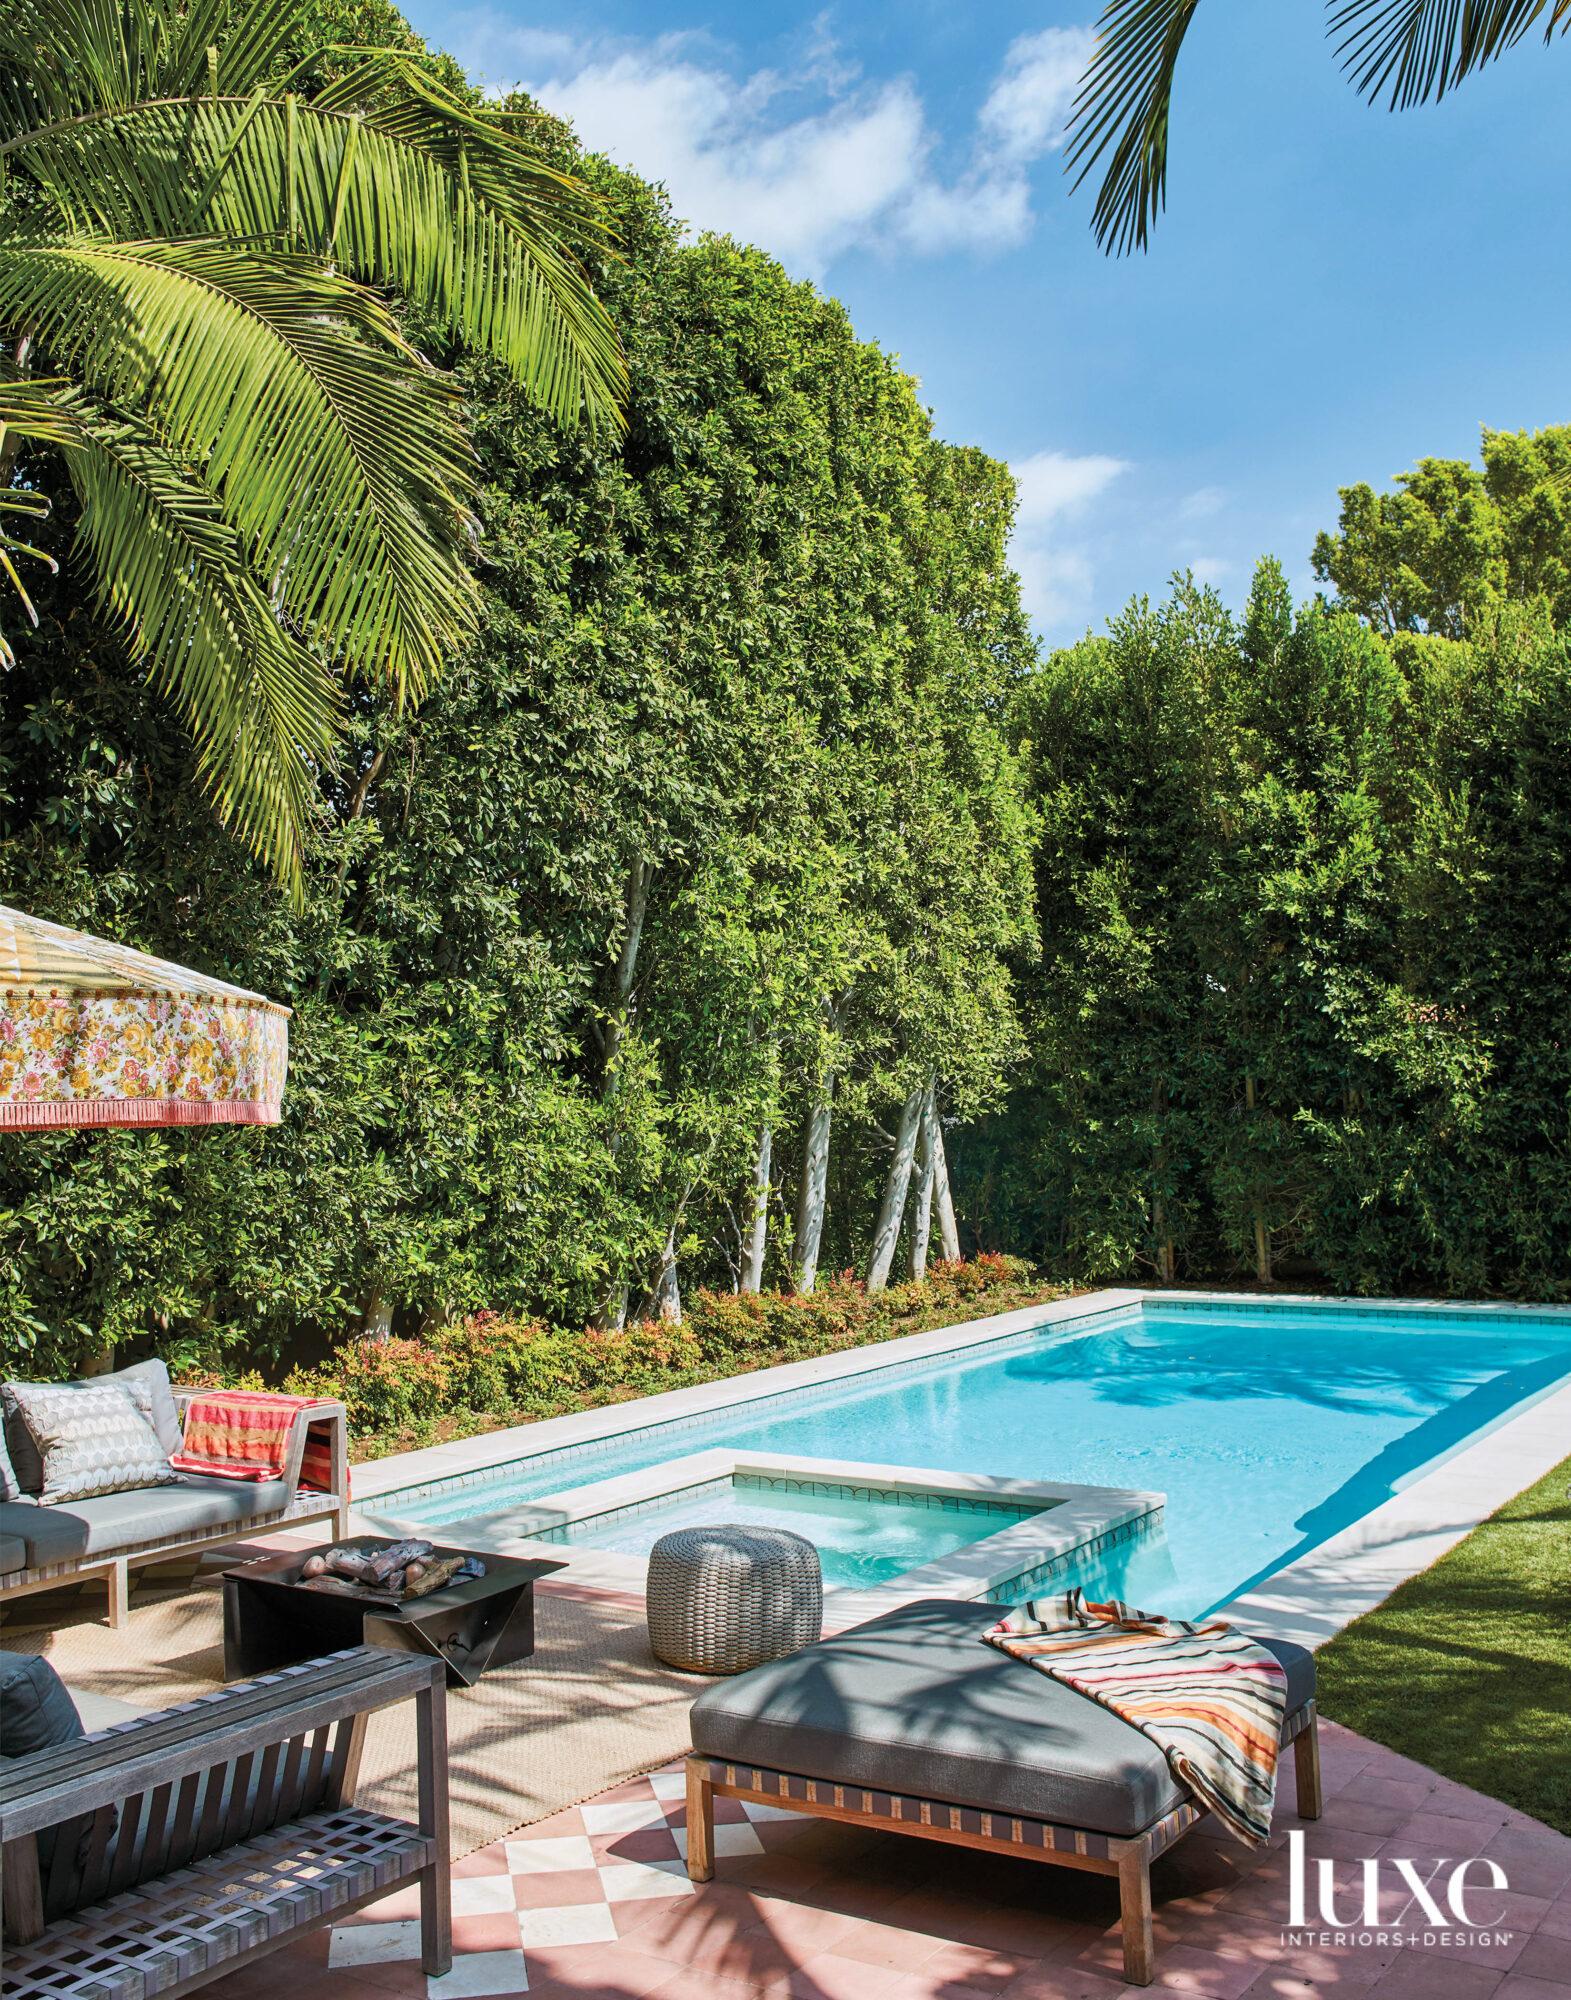 View facing pool